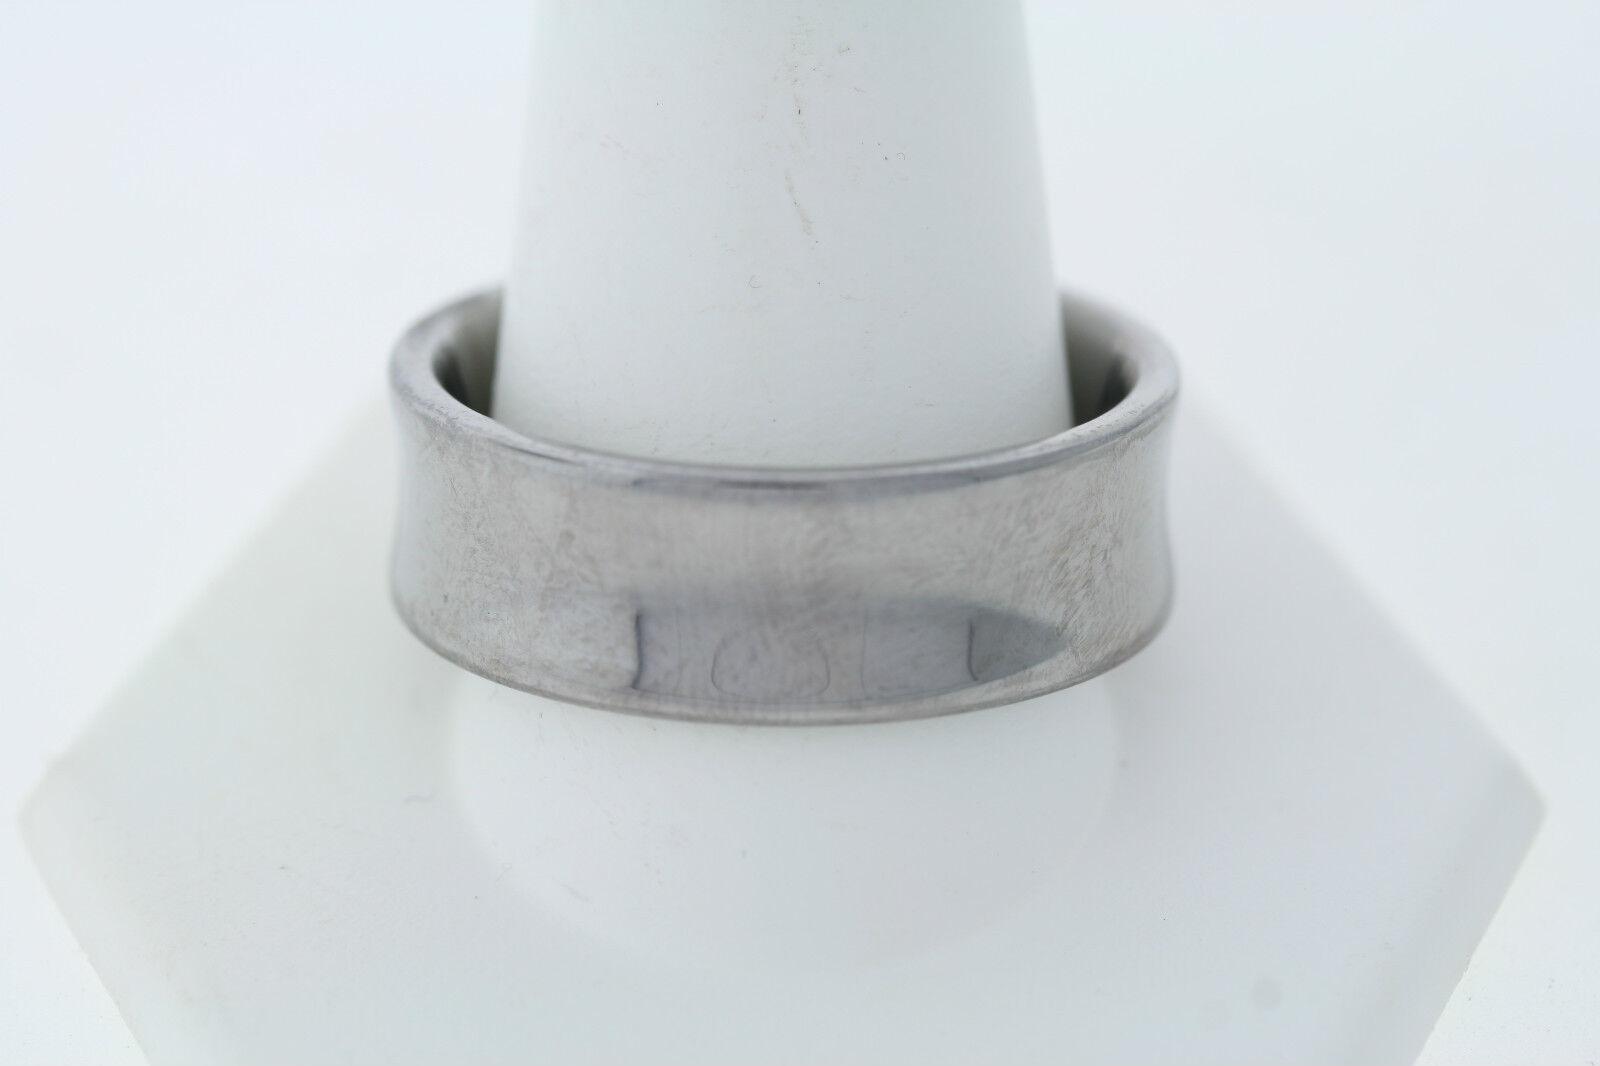 Triton Carburo di Tungsteno Tungsteno Tungsteno 9mm Concavo Fedina 1fd0d4